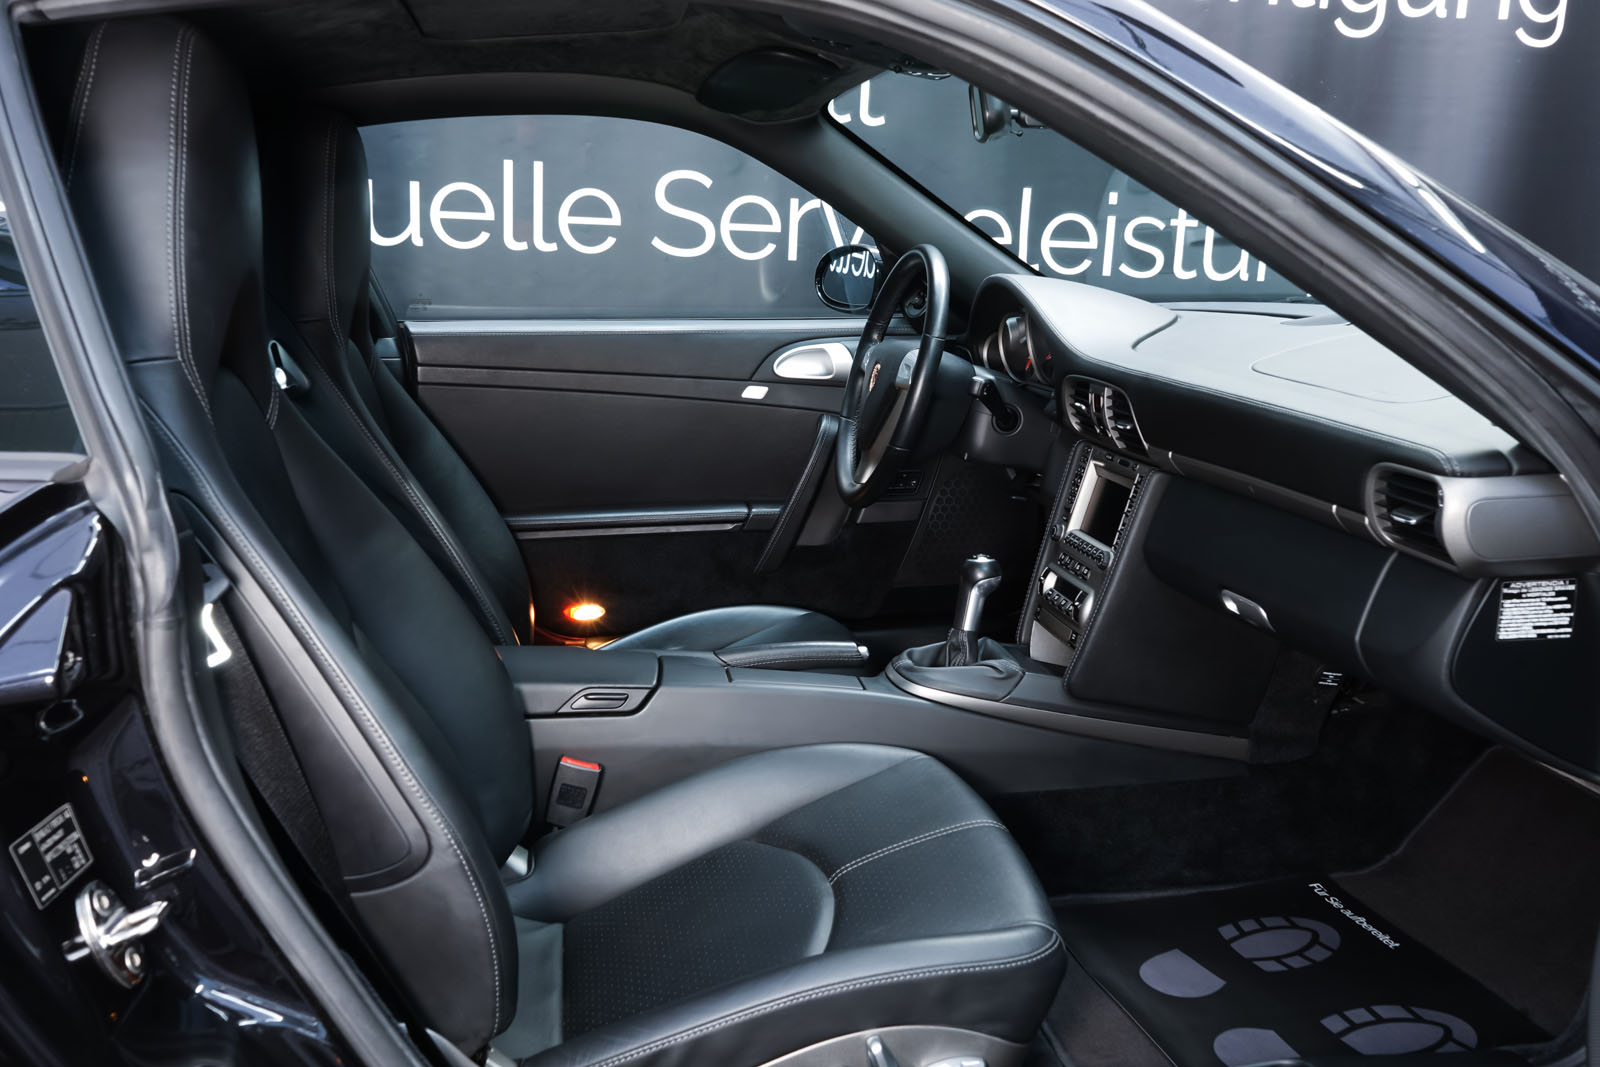 Porsche_997_C2_Schwarz_Schwarz_POR-3384_16_w